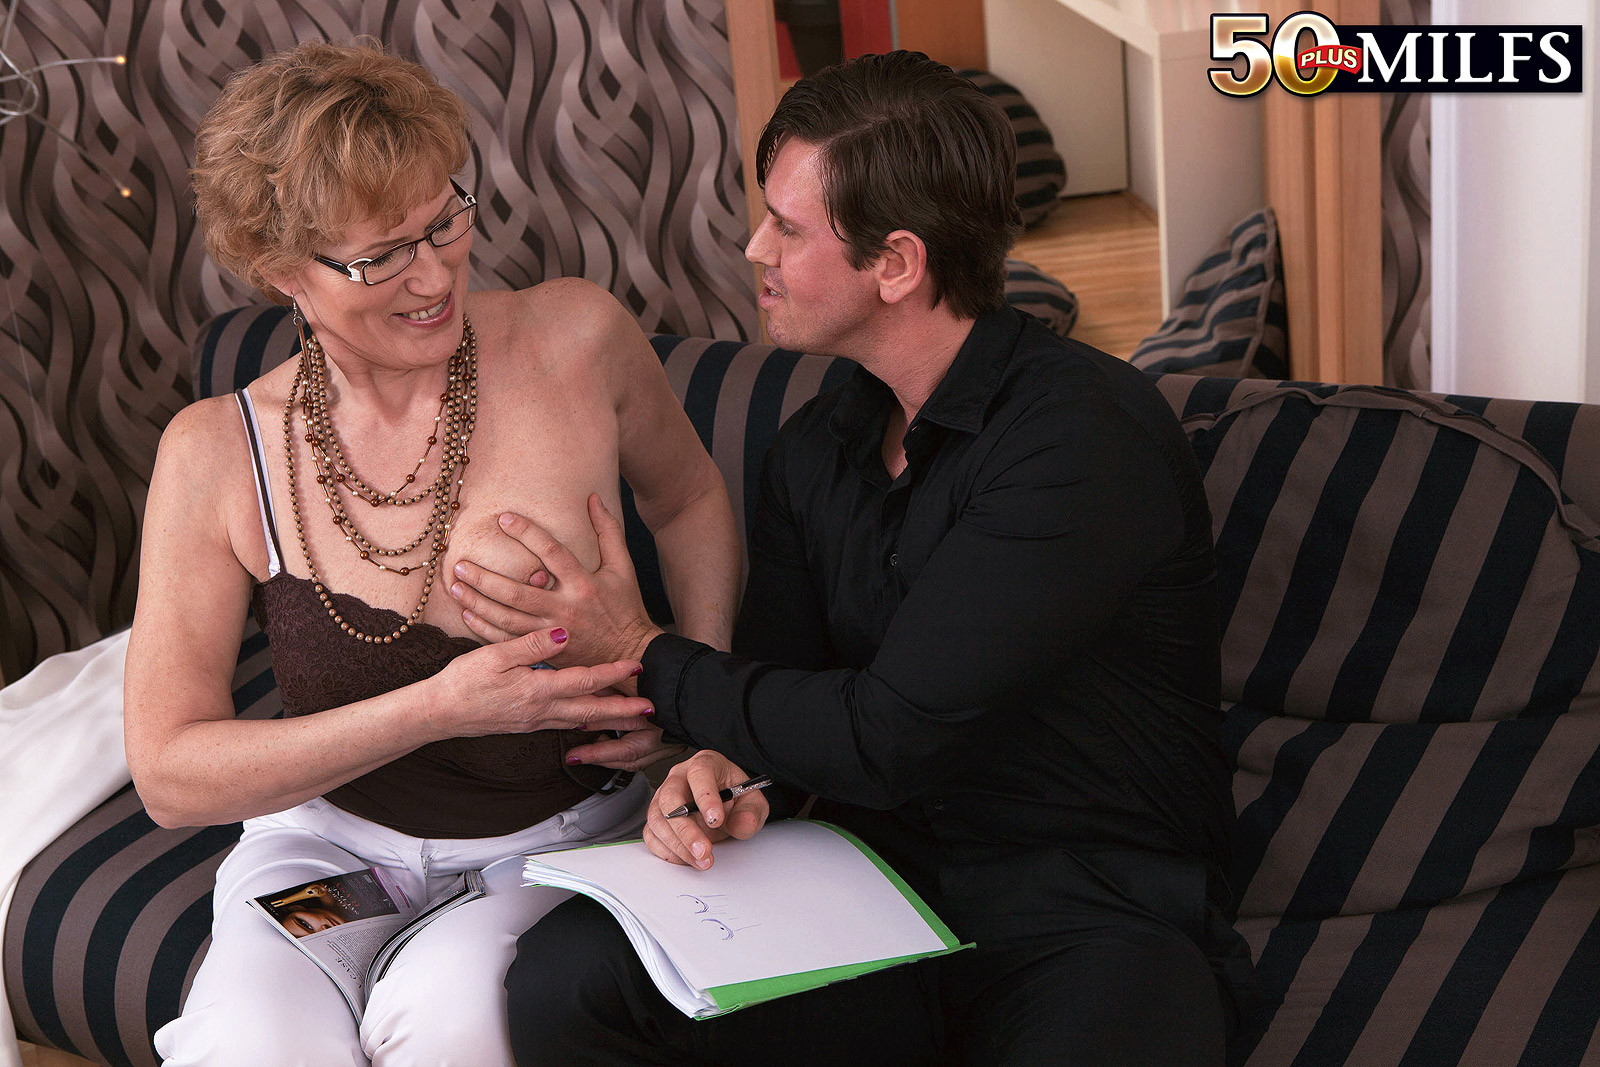 Зрелая тетка в чулках сделала молодому минет и дала в жопку